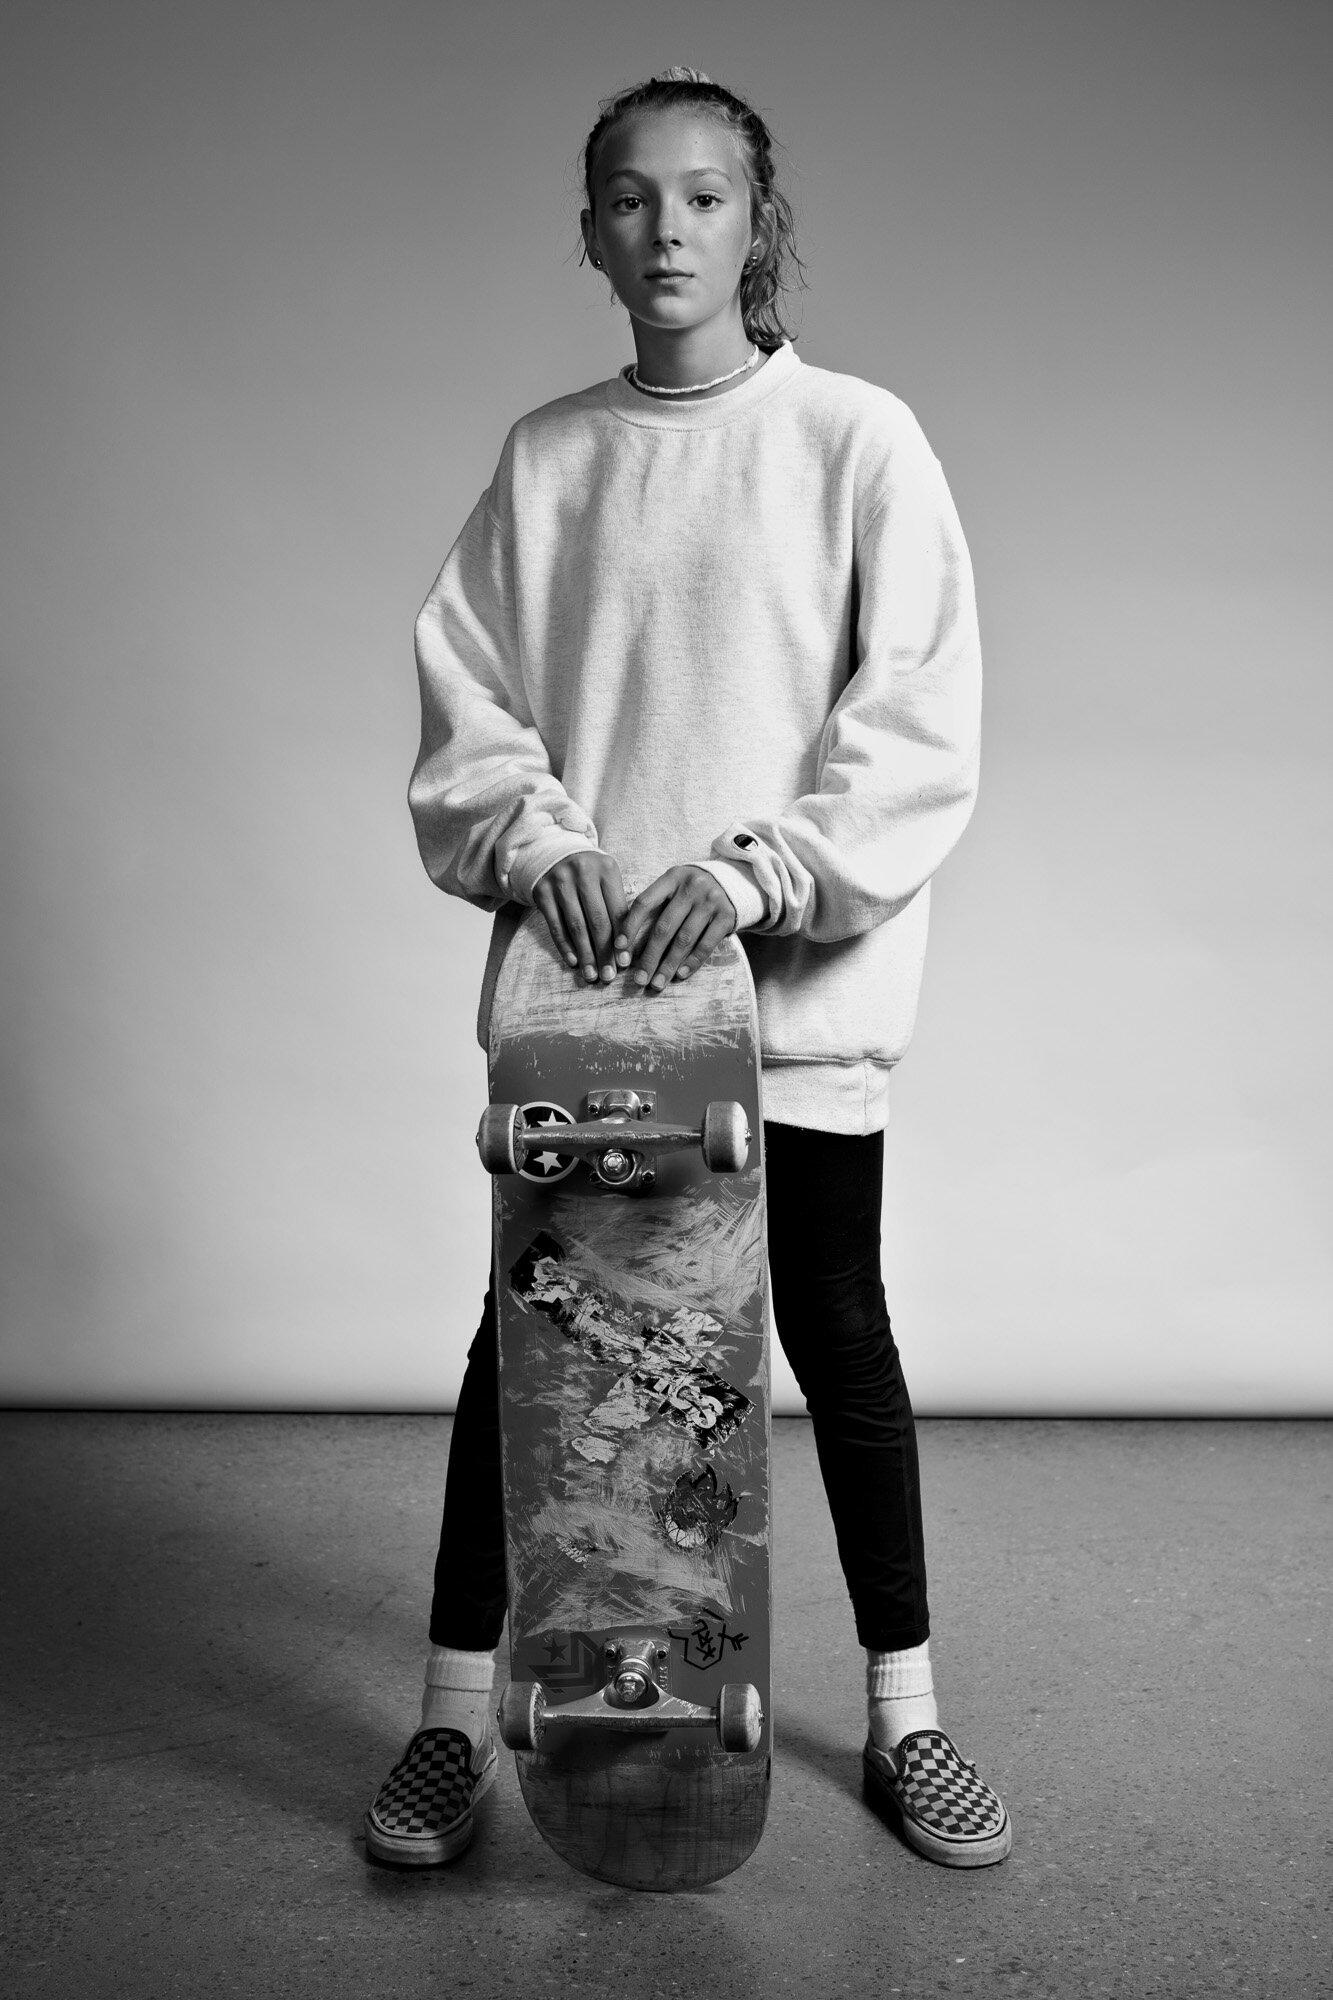 2019_Q3_Ladies-Skate-Night_Portraits_007.JPG